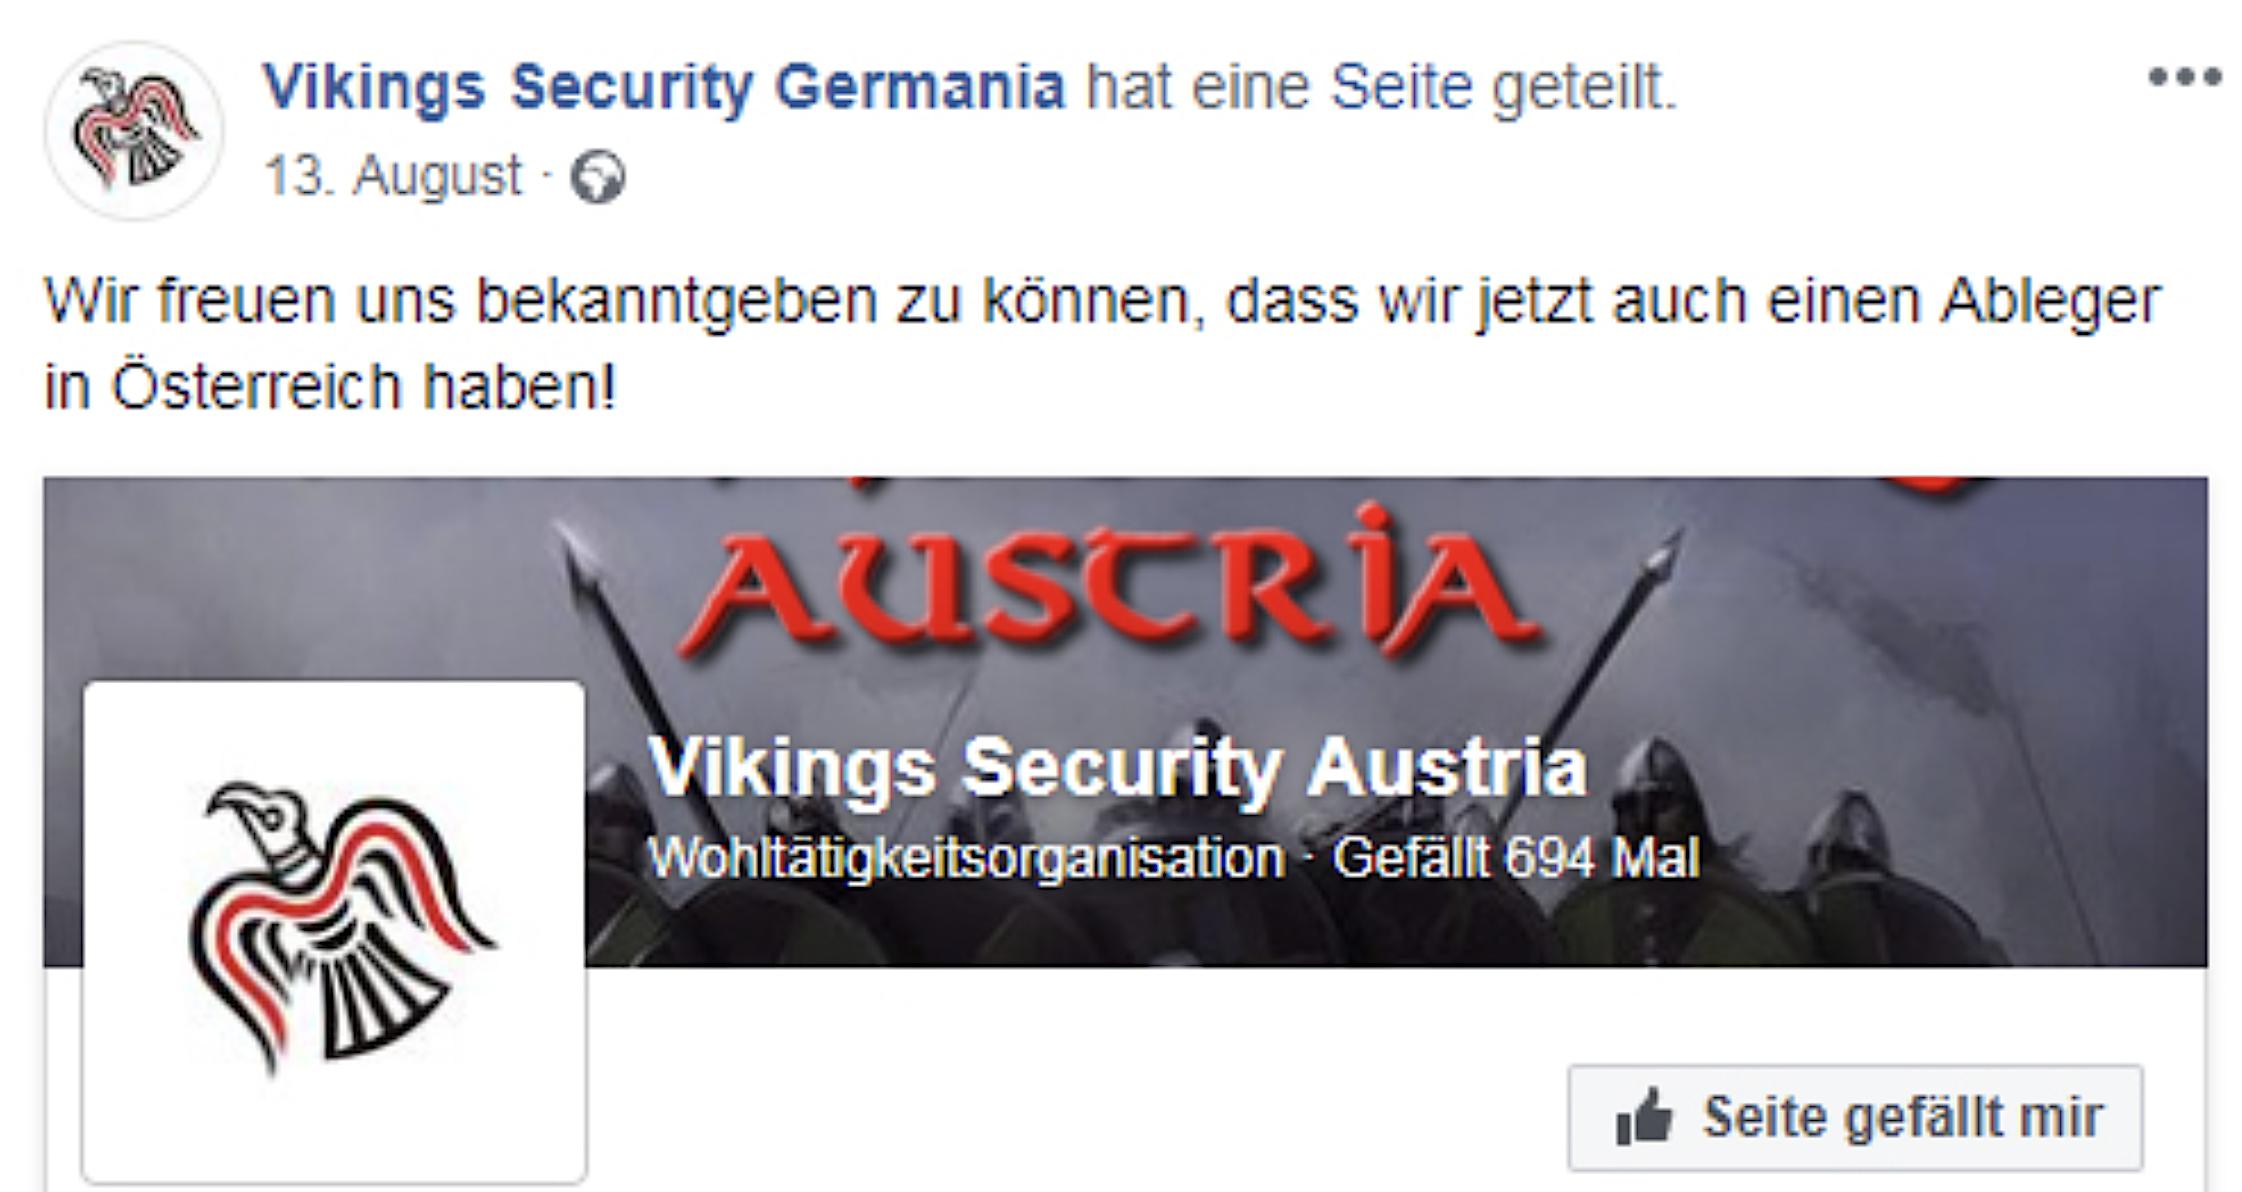 Vikings Security Germania gibt die Gründung eines Ablegers in Österreich bekannt